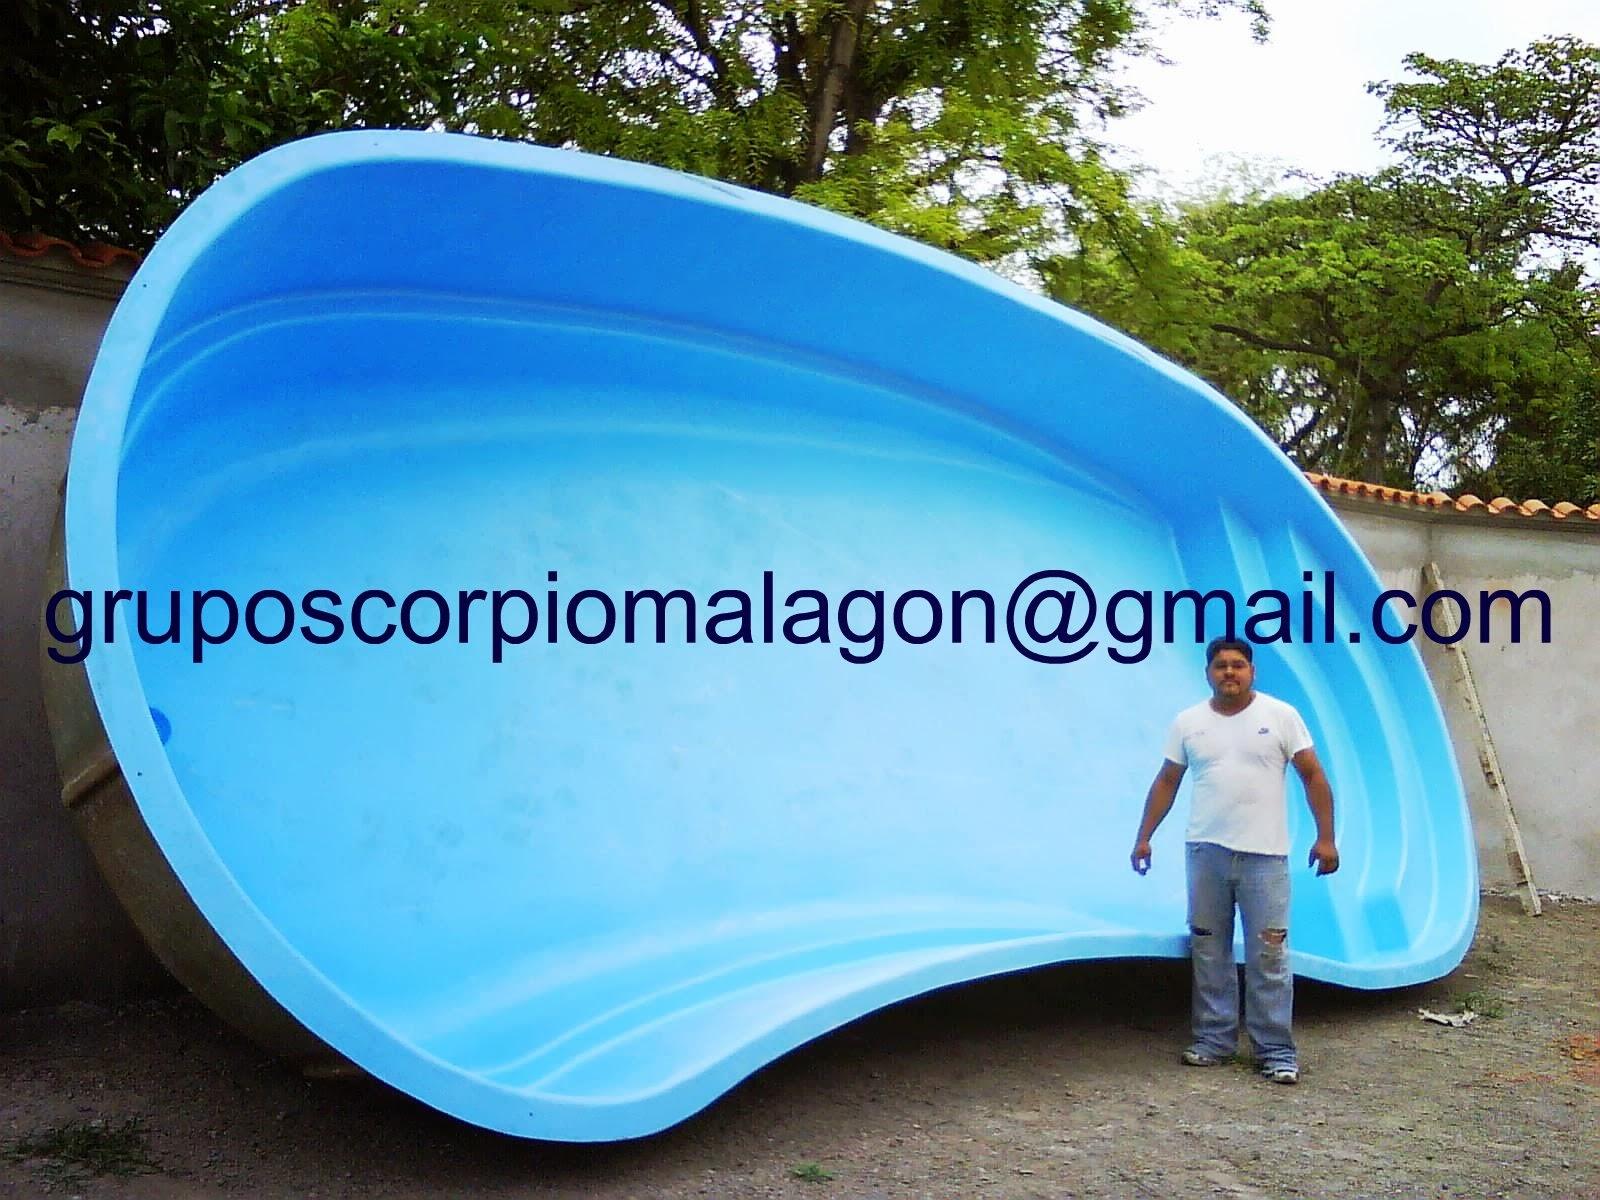 Grupo scorpio albercas y toboganes for Albercas de plastico